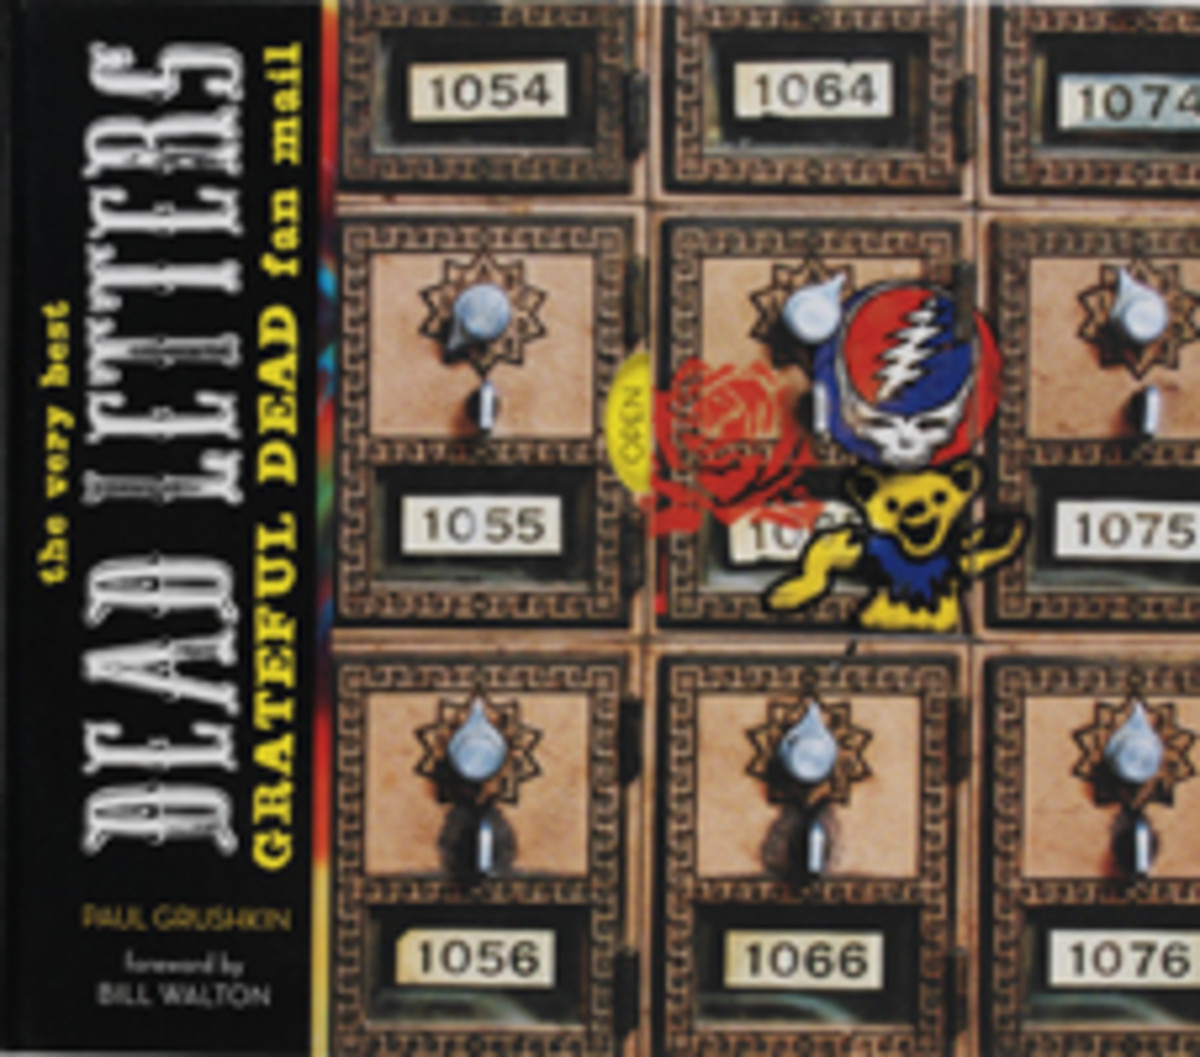 Dead Letters: The Very Best of The Grateful Dead Fan Mail by Paul Grushkin